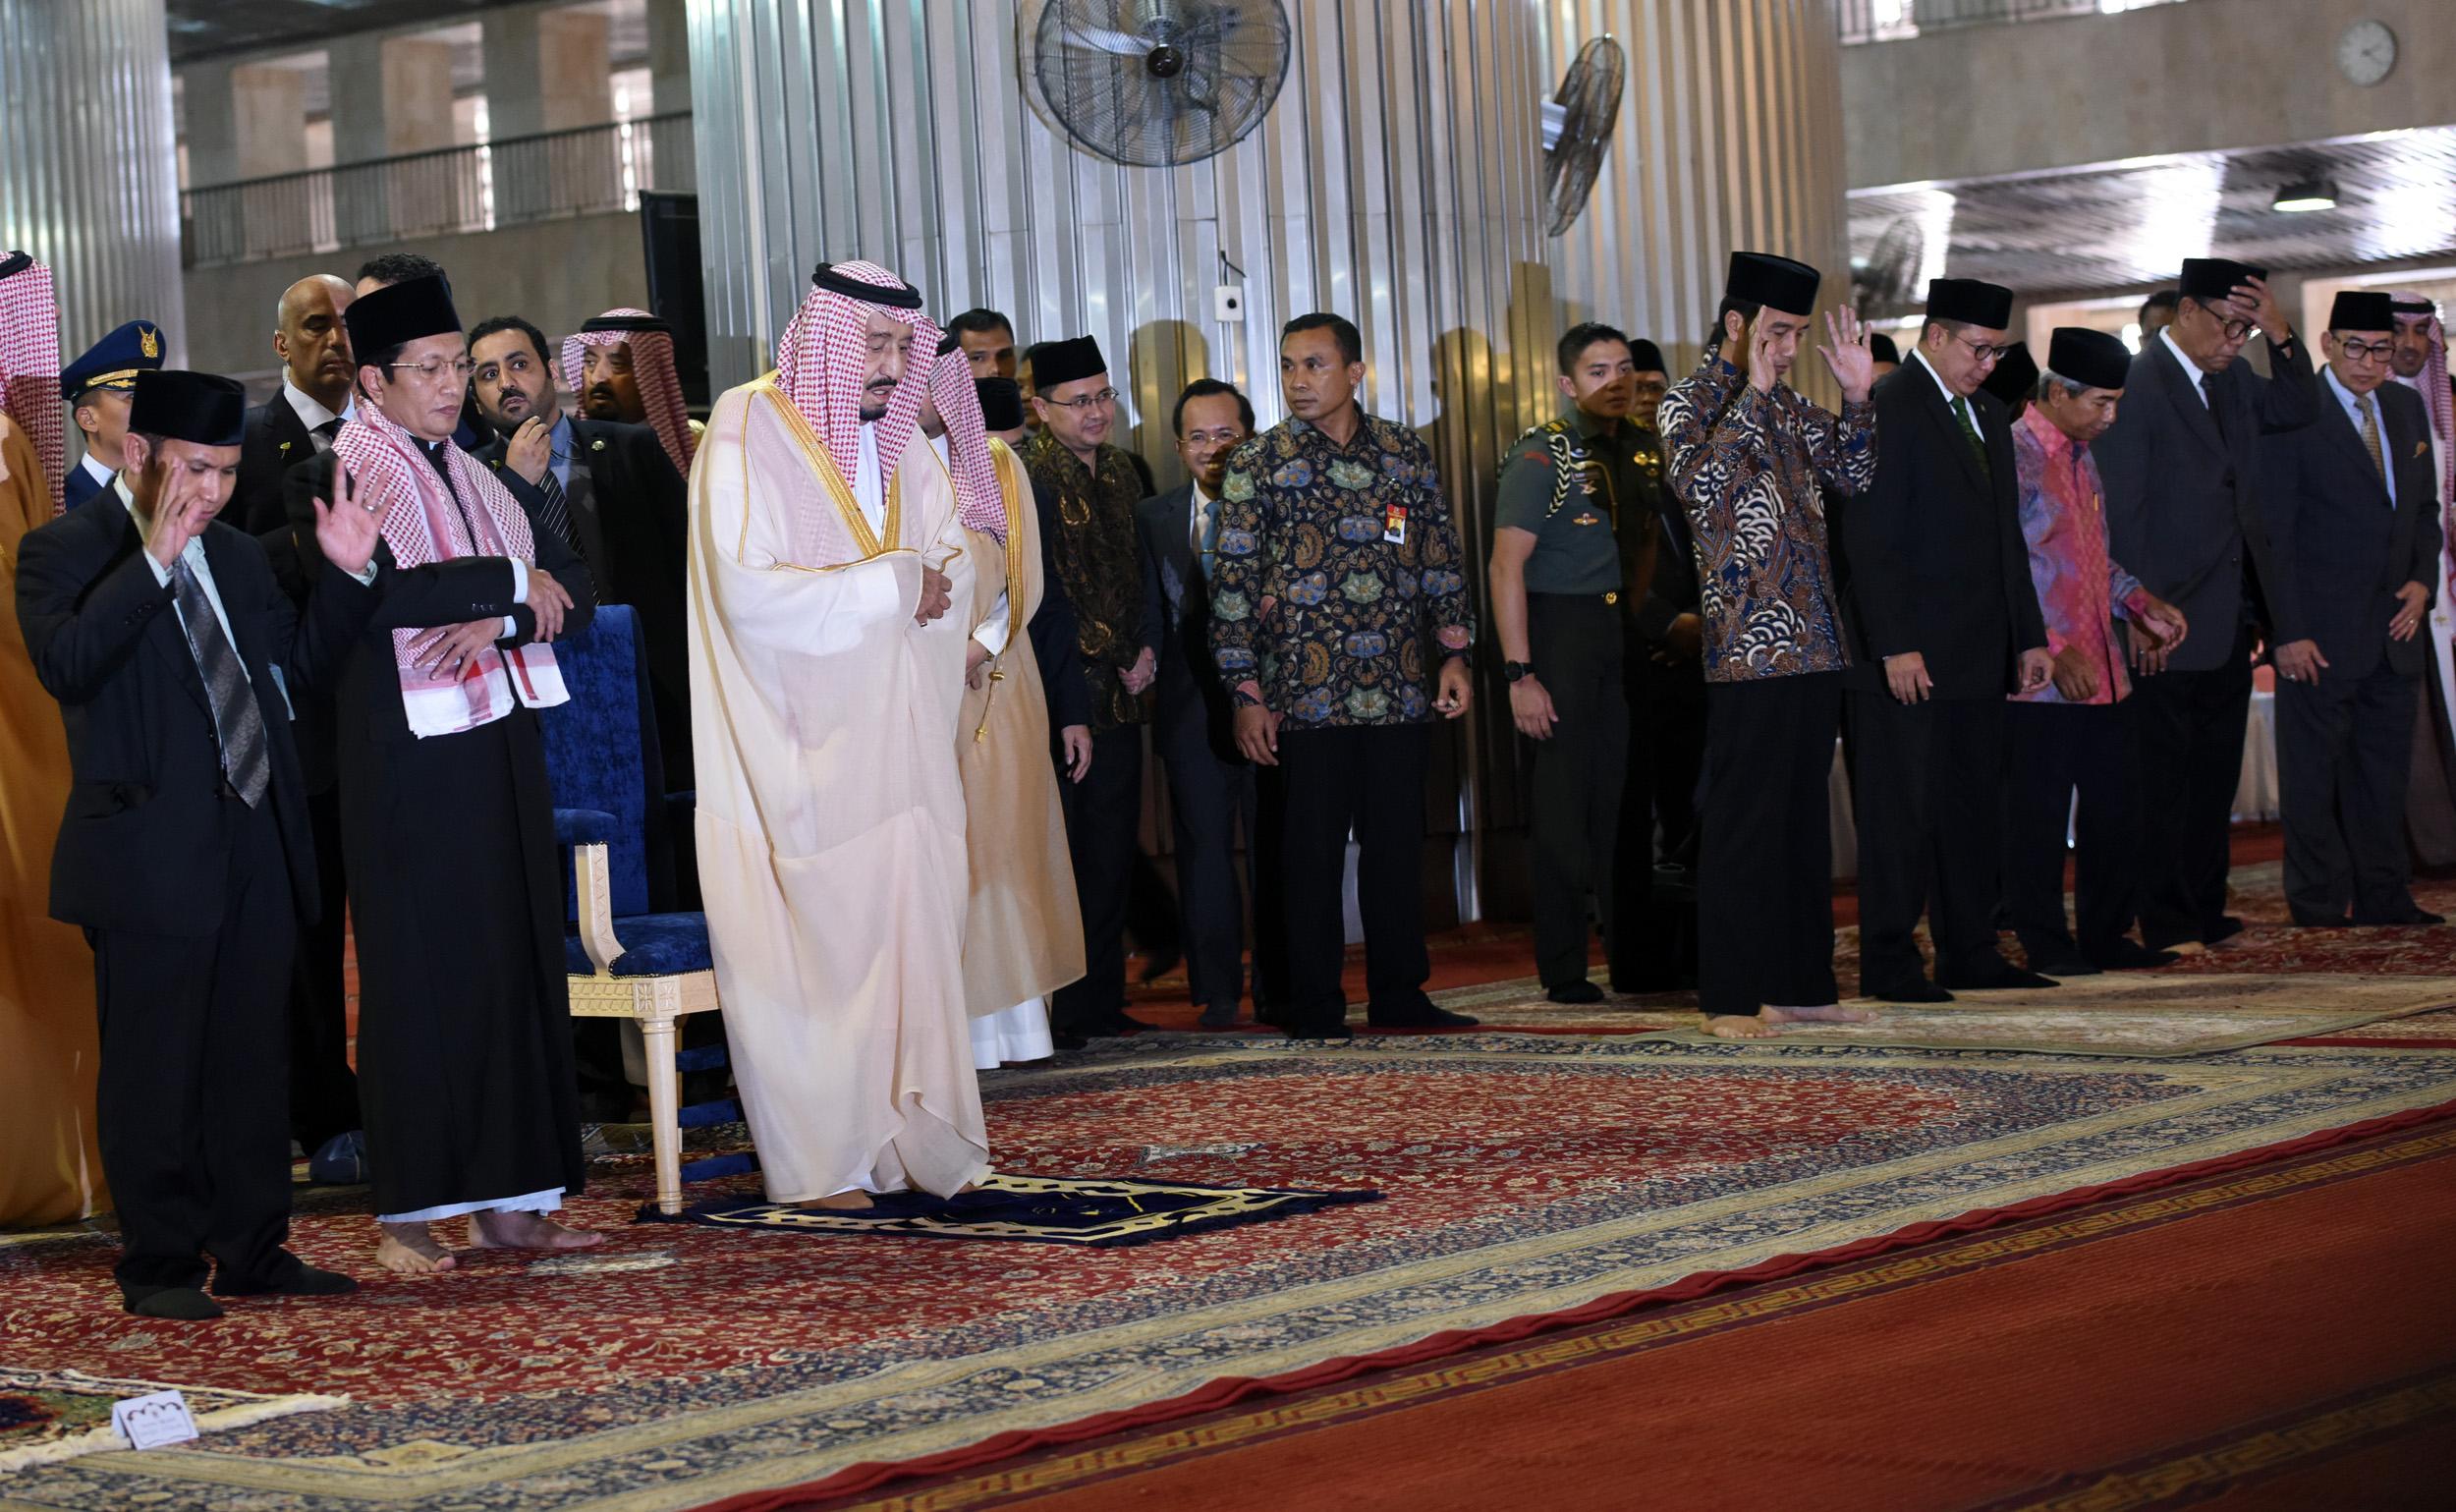 Raja Arab Saudi Salman Bin Abdul Aziz Al-Saud didampingi Presiden Jokowi menunaikan salat Tahiyatul Masjid, di Masjid Istiqlal, Jakarta, Kamis (2/3) siang. (Foto: Rahmat/Humas)